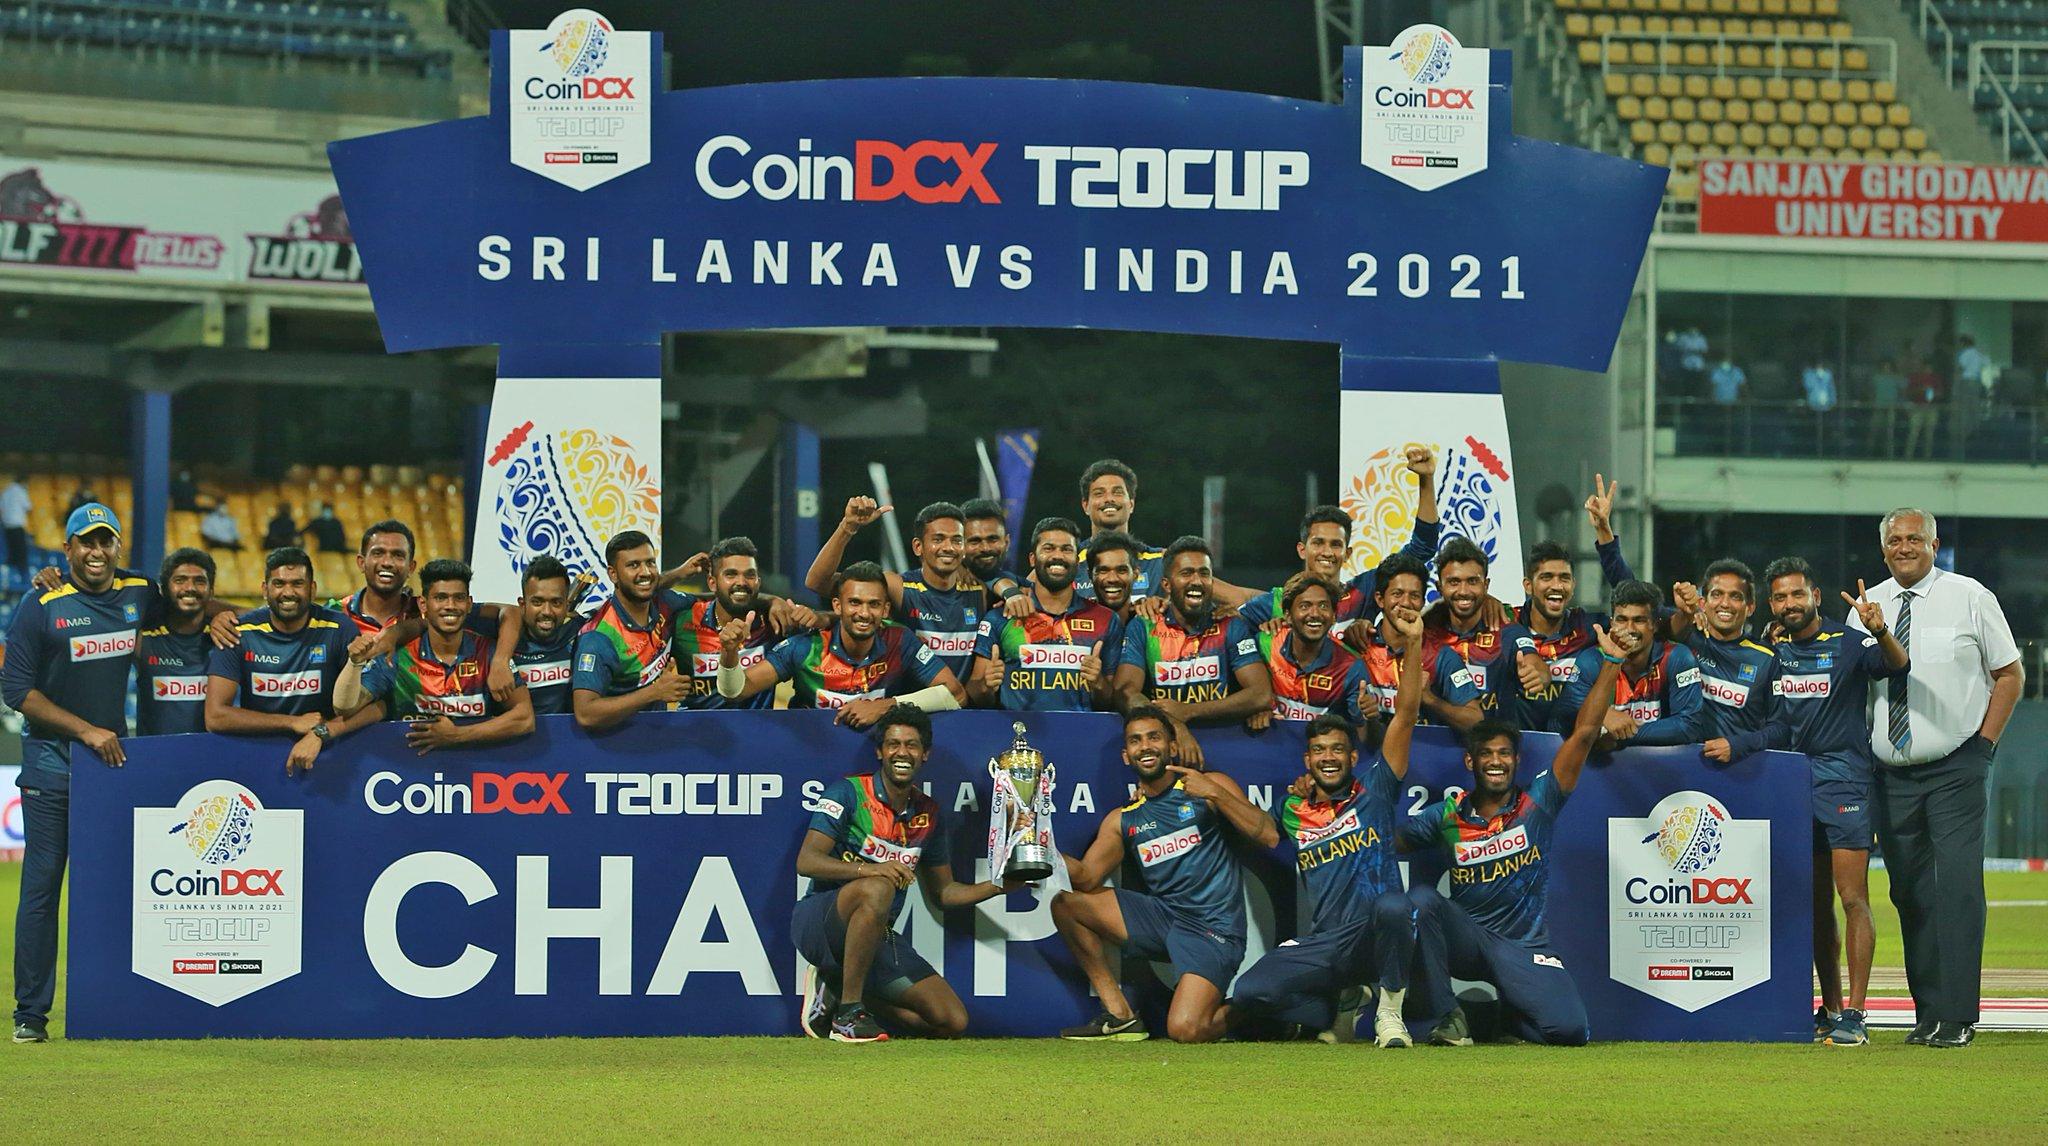 टी-20 ट्रॉफी के साथ श्रीलंकाई टीम।